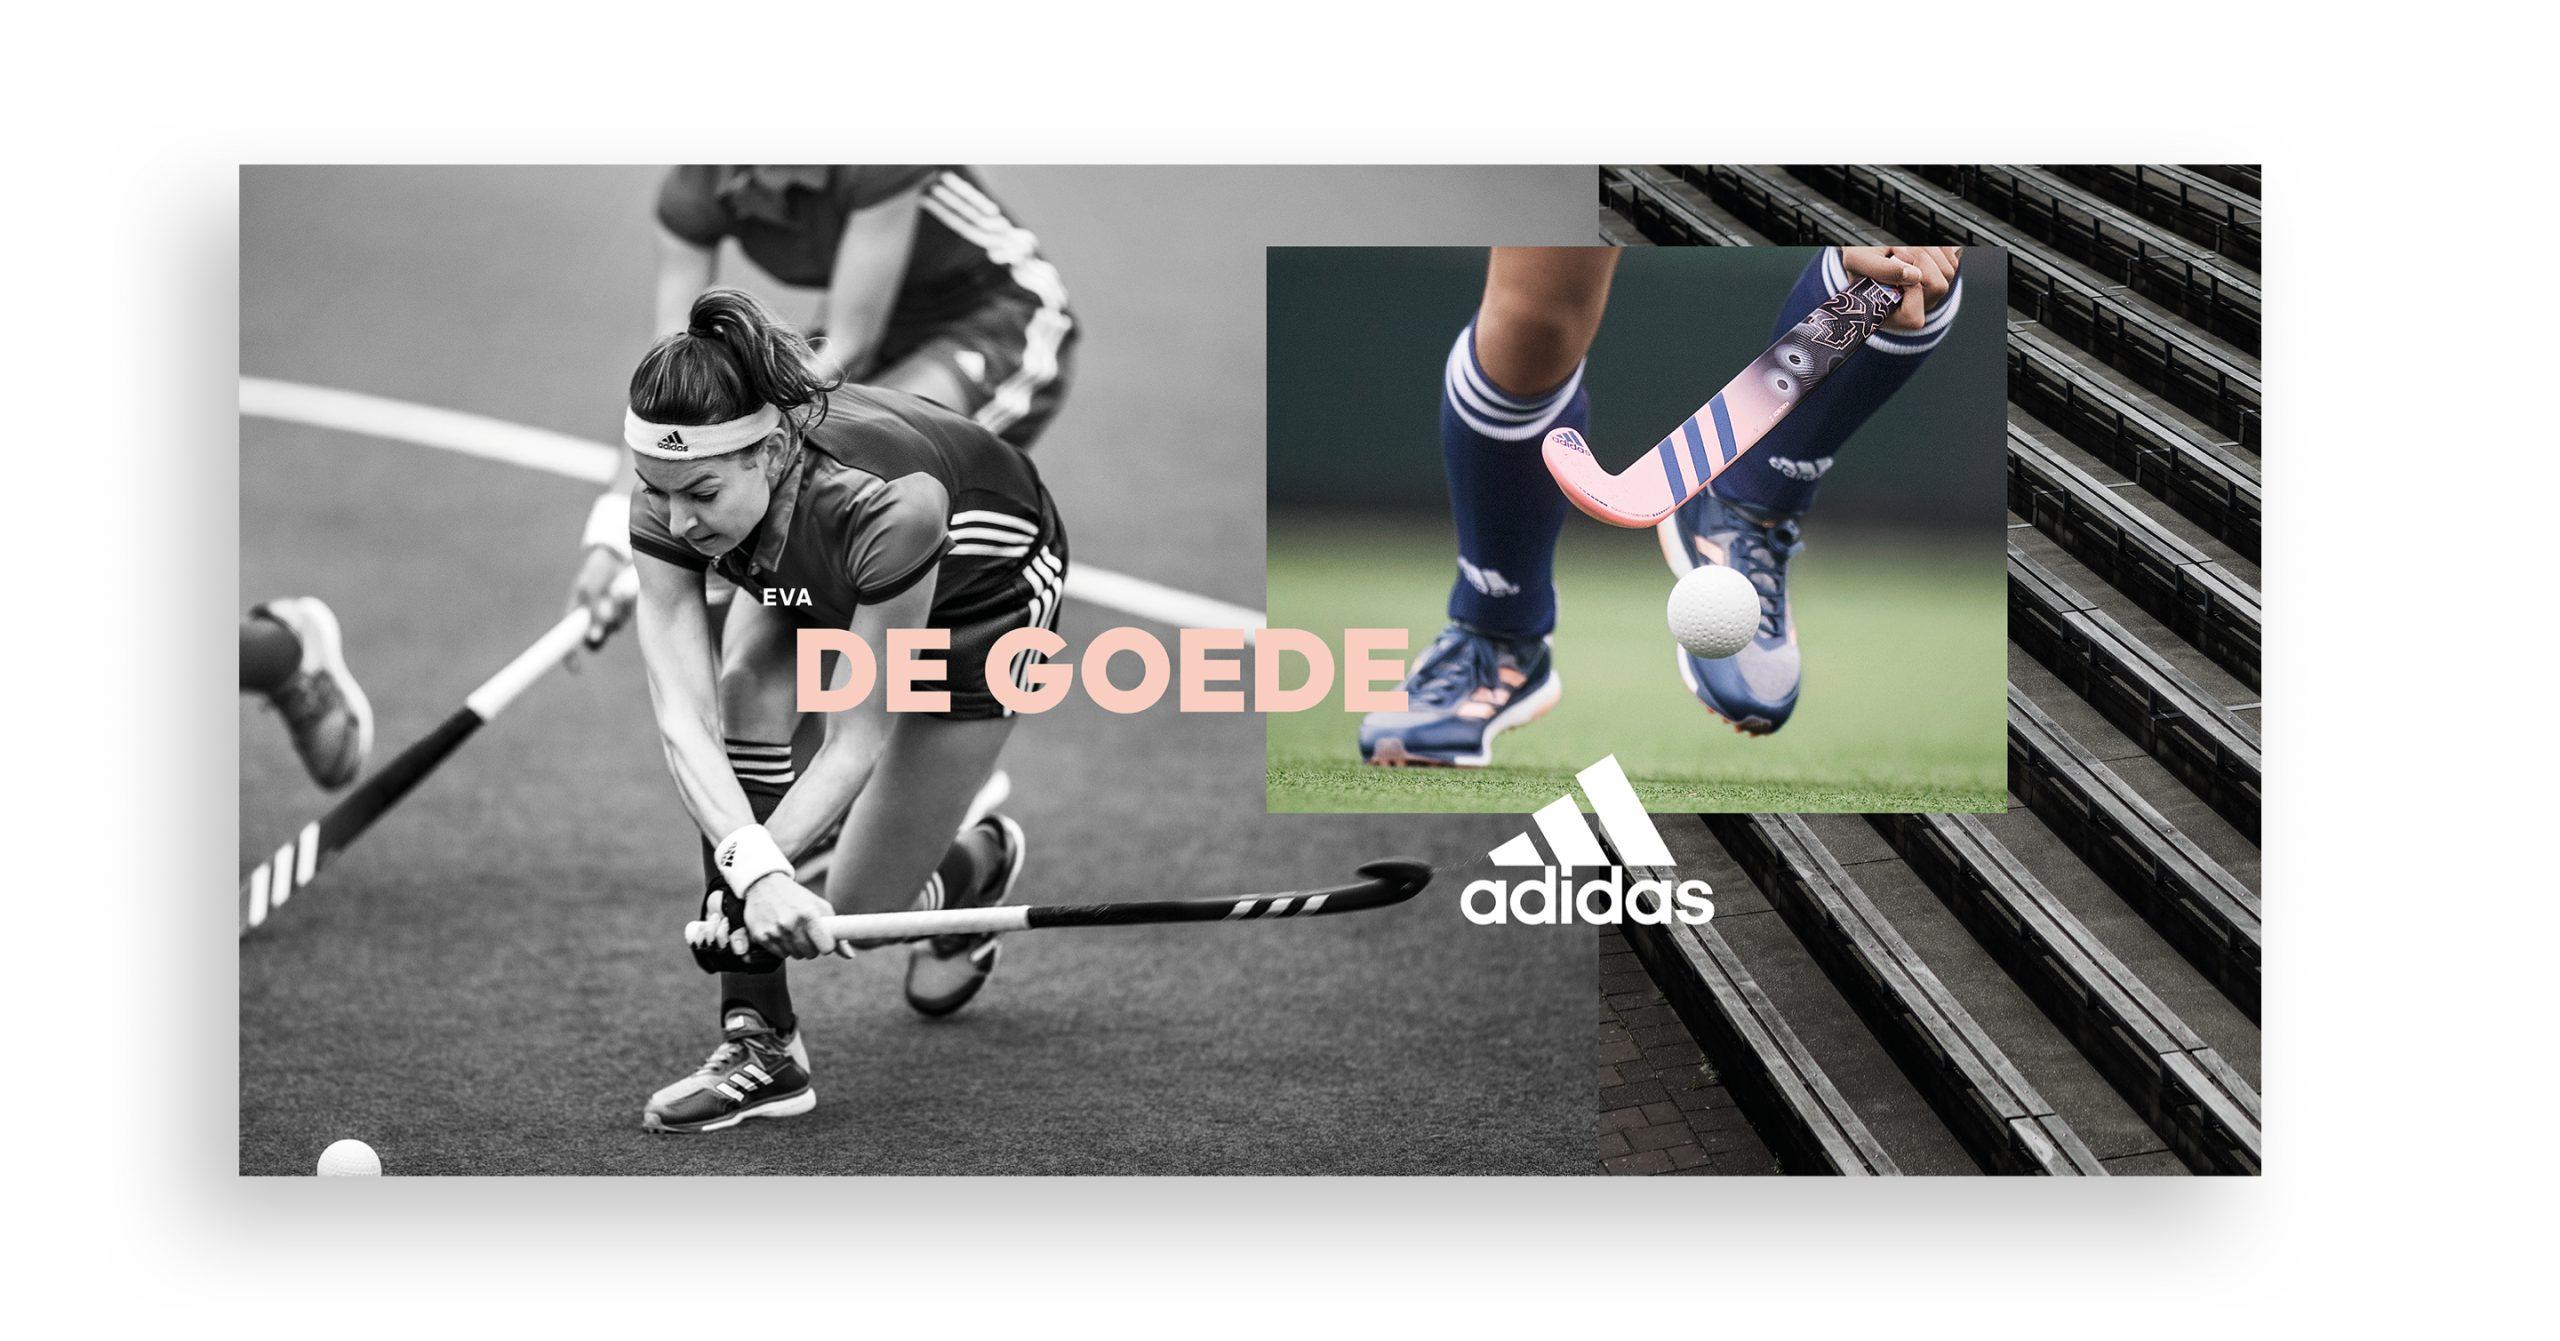 pascher-heinz-adidas-world-cup-degoede-02